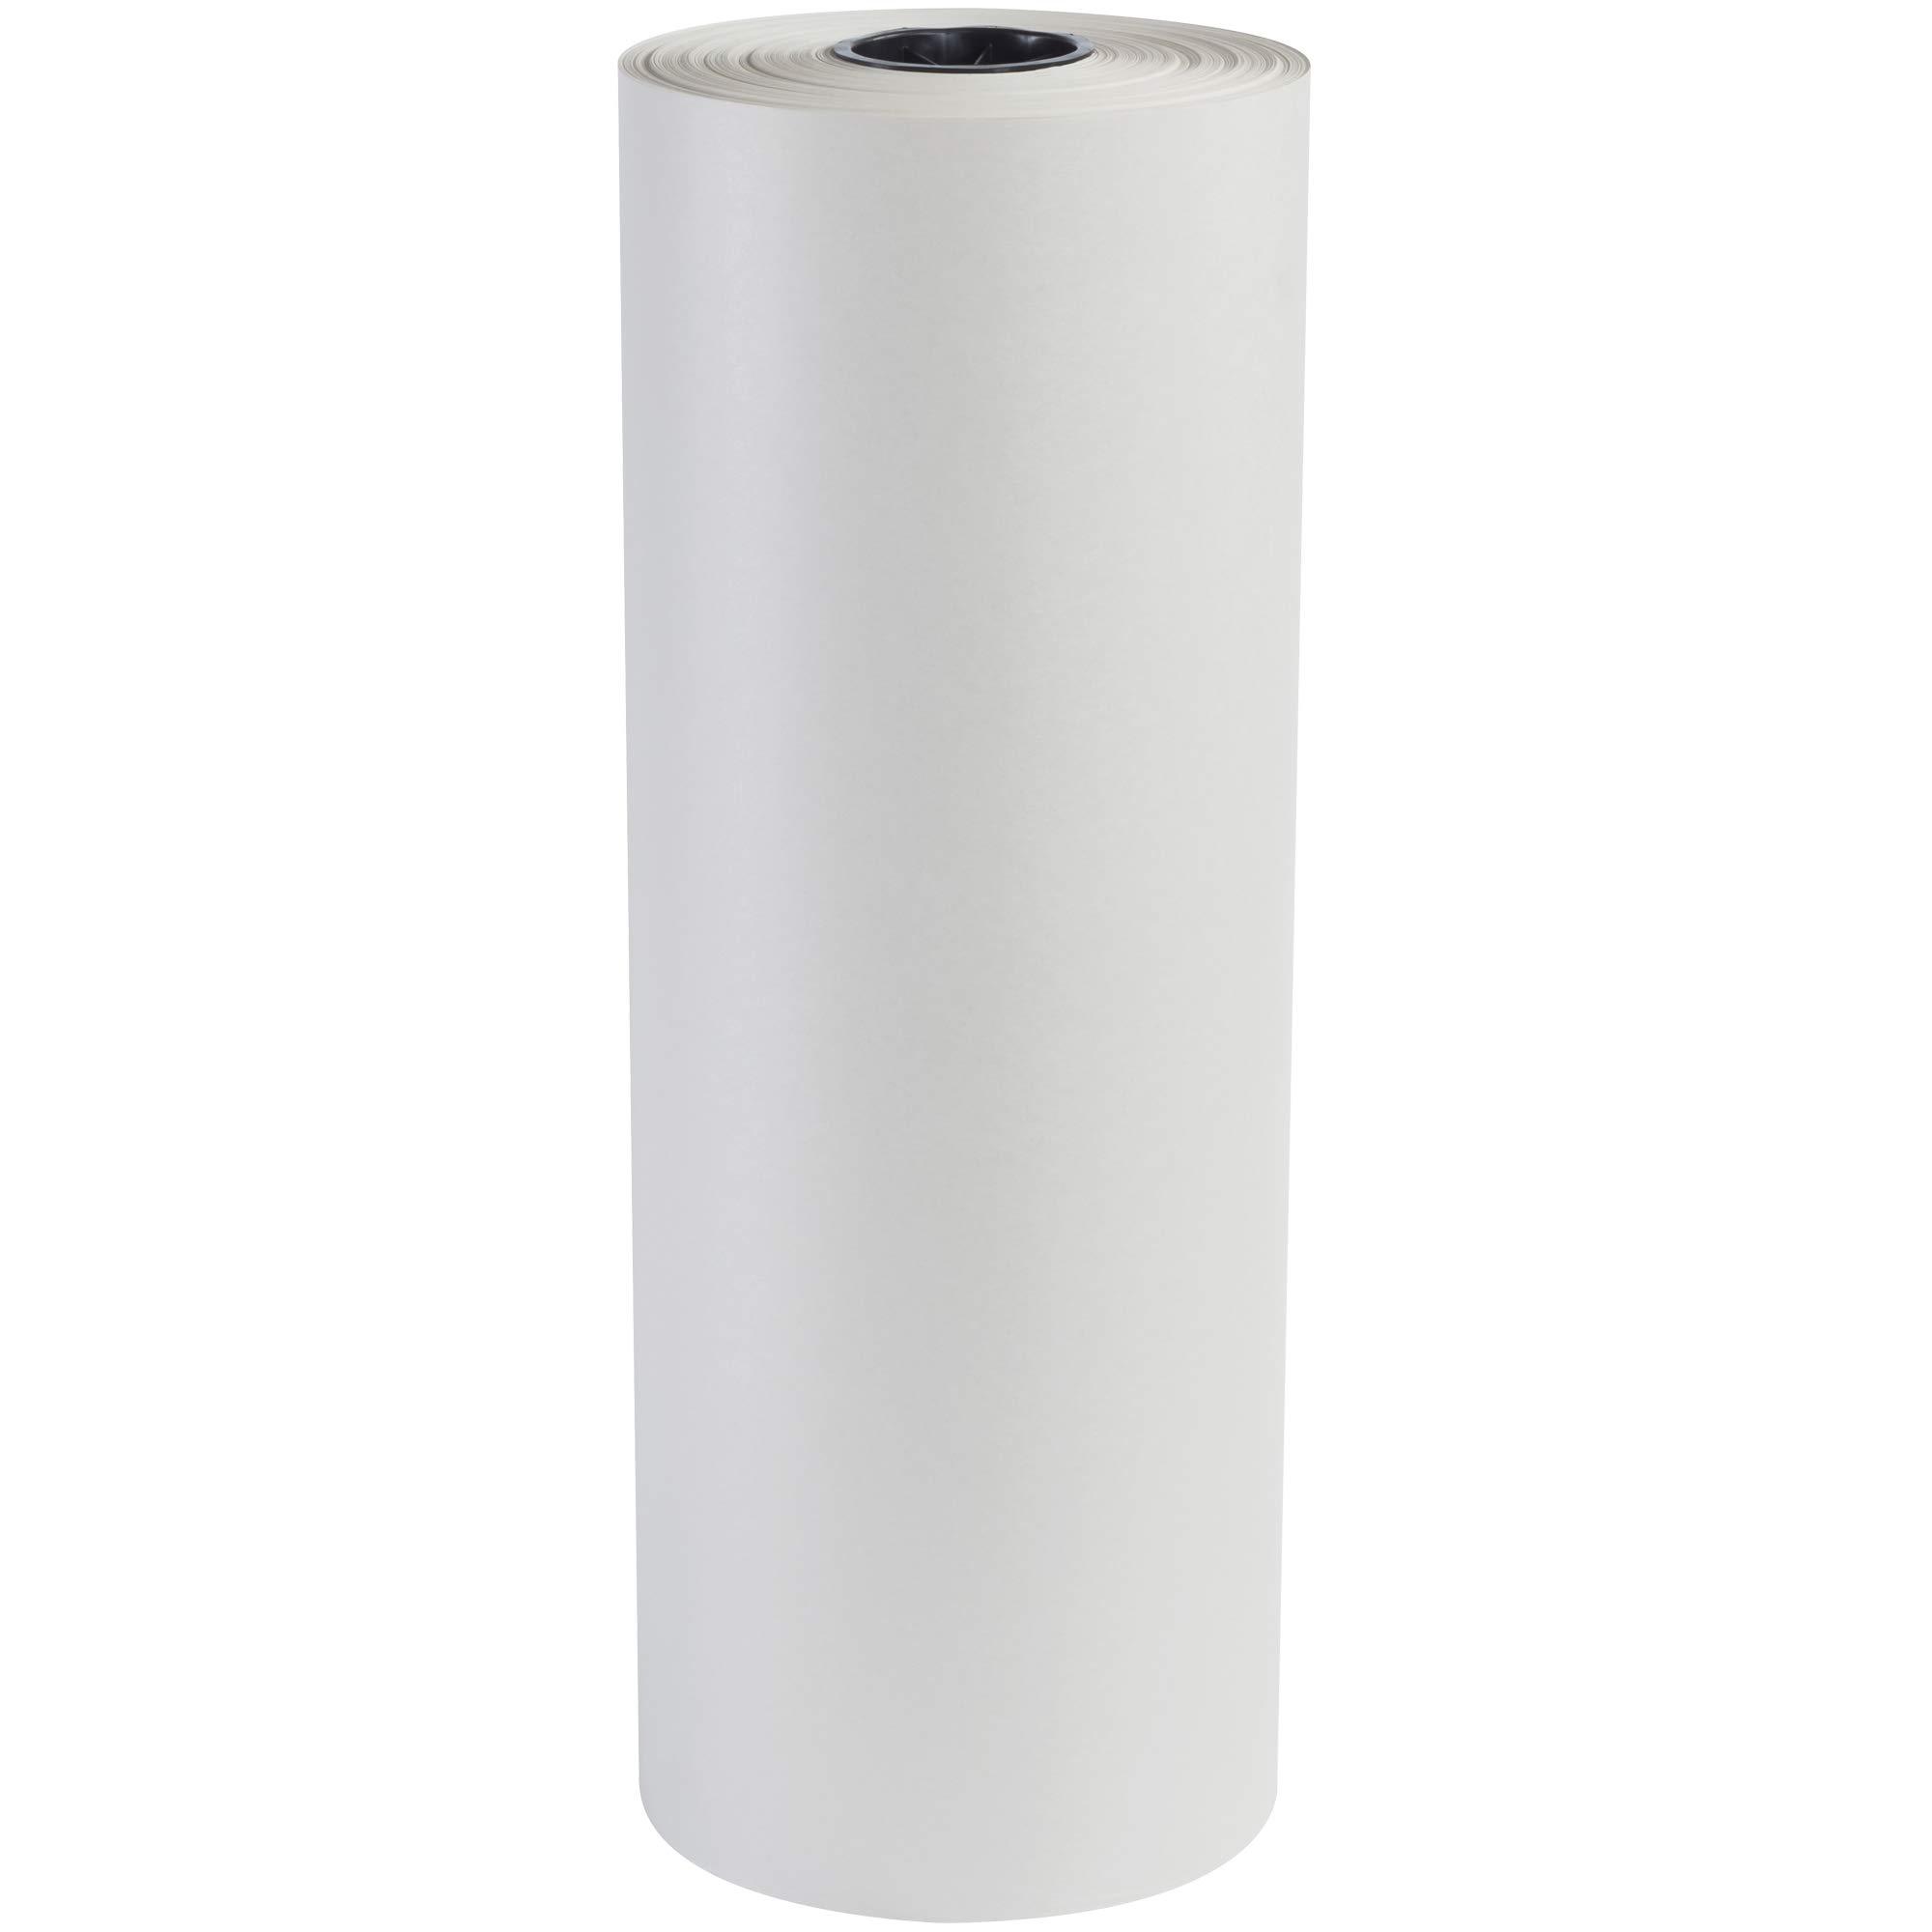 Newsprint Roll, 30#, 24'' x 1,440', White, 1 Roll